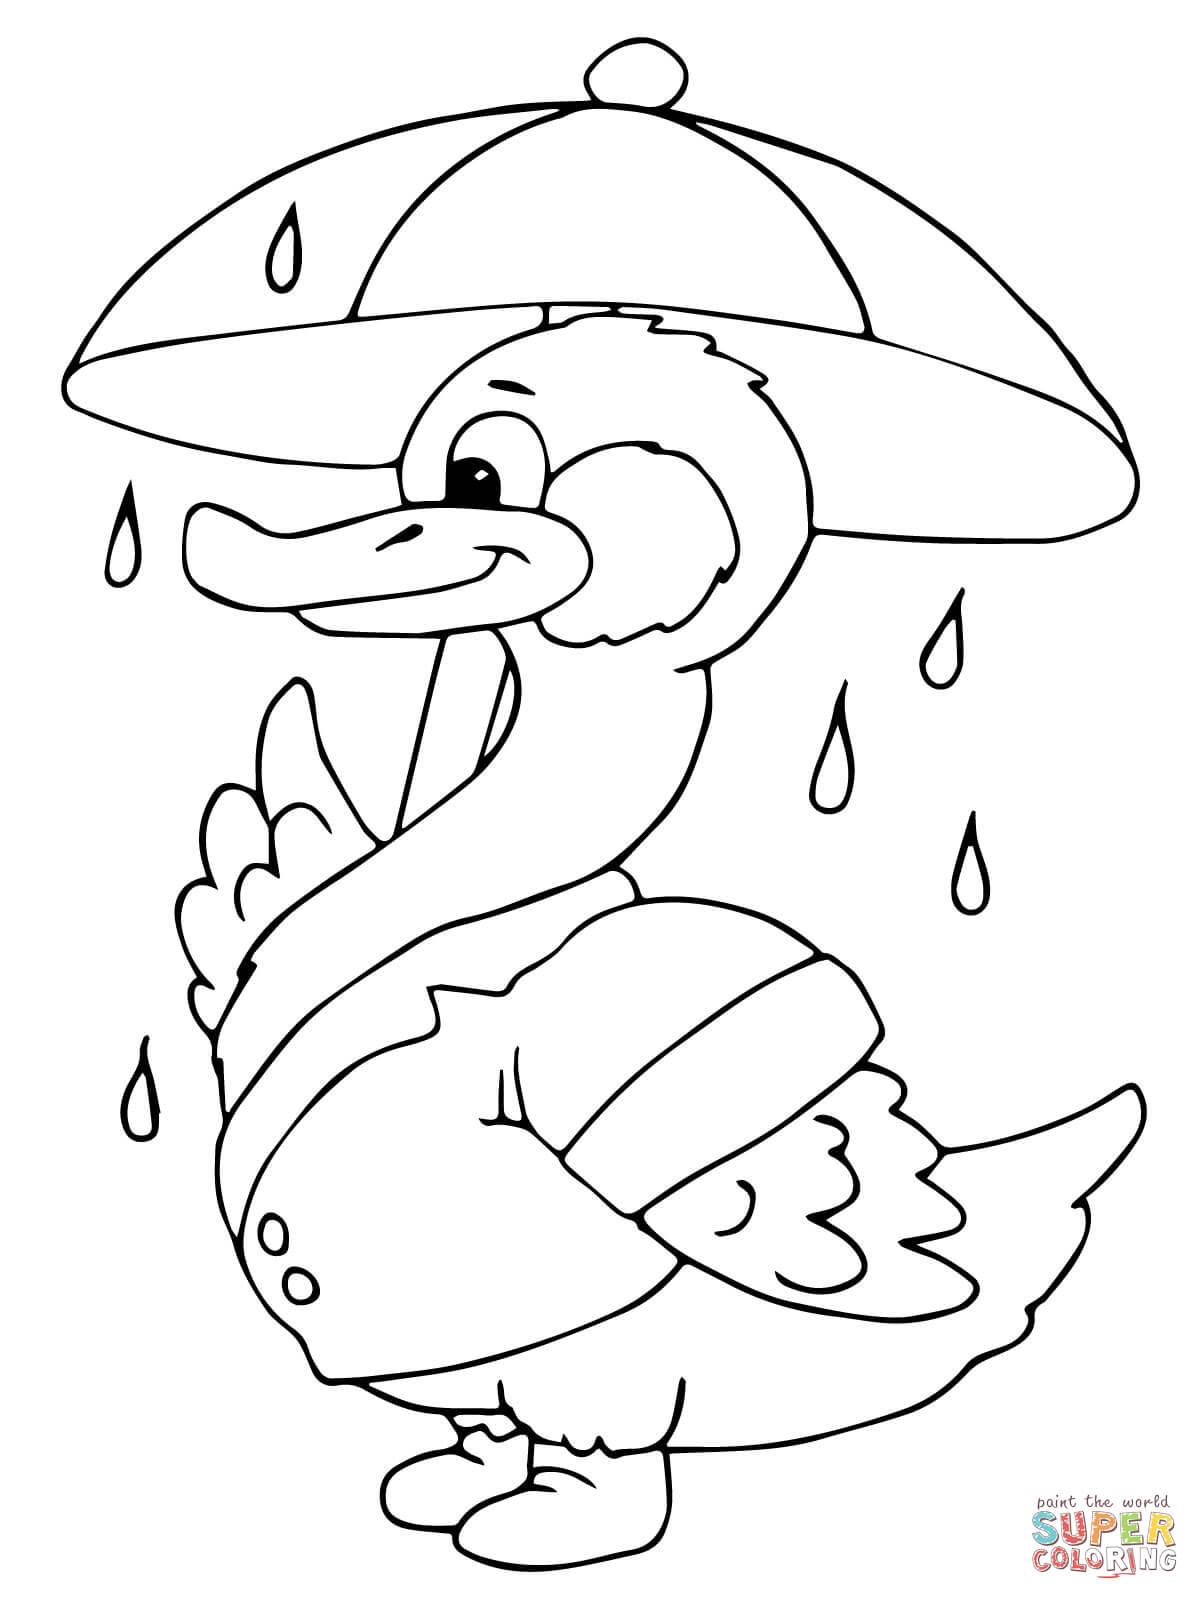 Drawn umbrella colouring picture Under the the Umbrella Duck